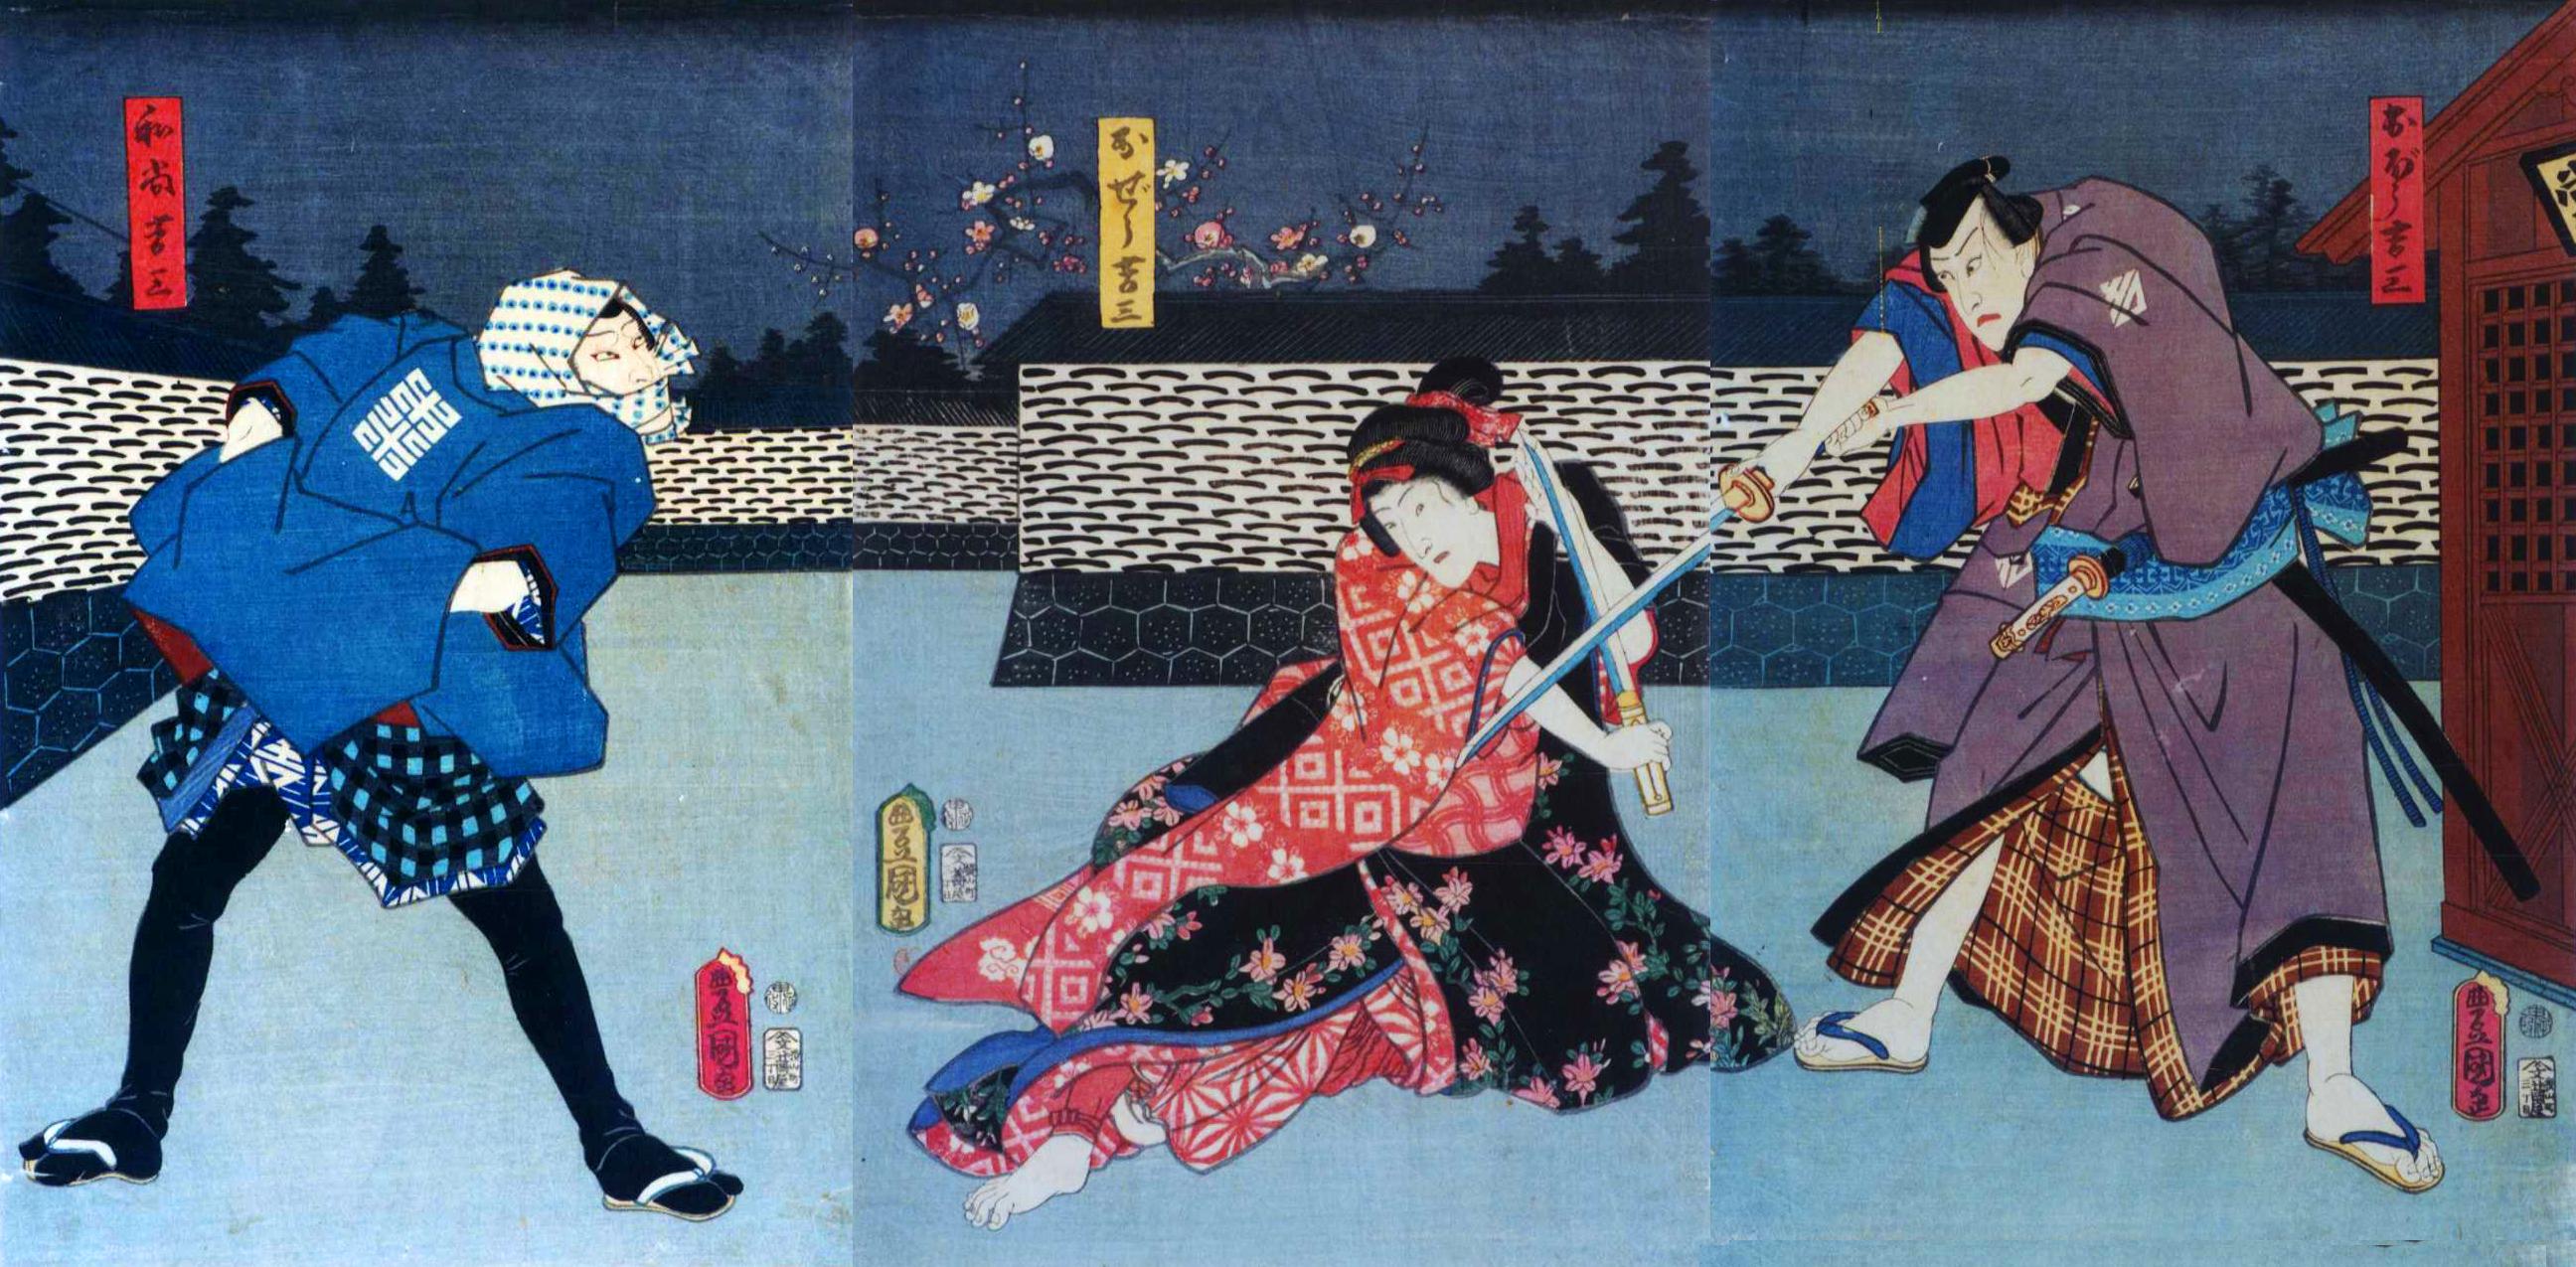 San-nin Kichisa Kuruwa no Hatsu-gai 1860 by Toyokuni III